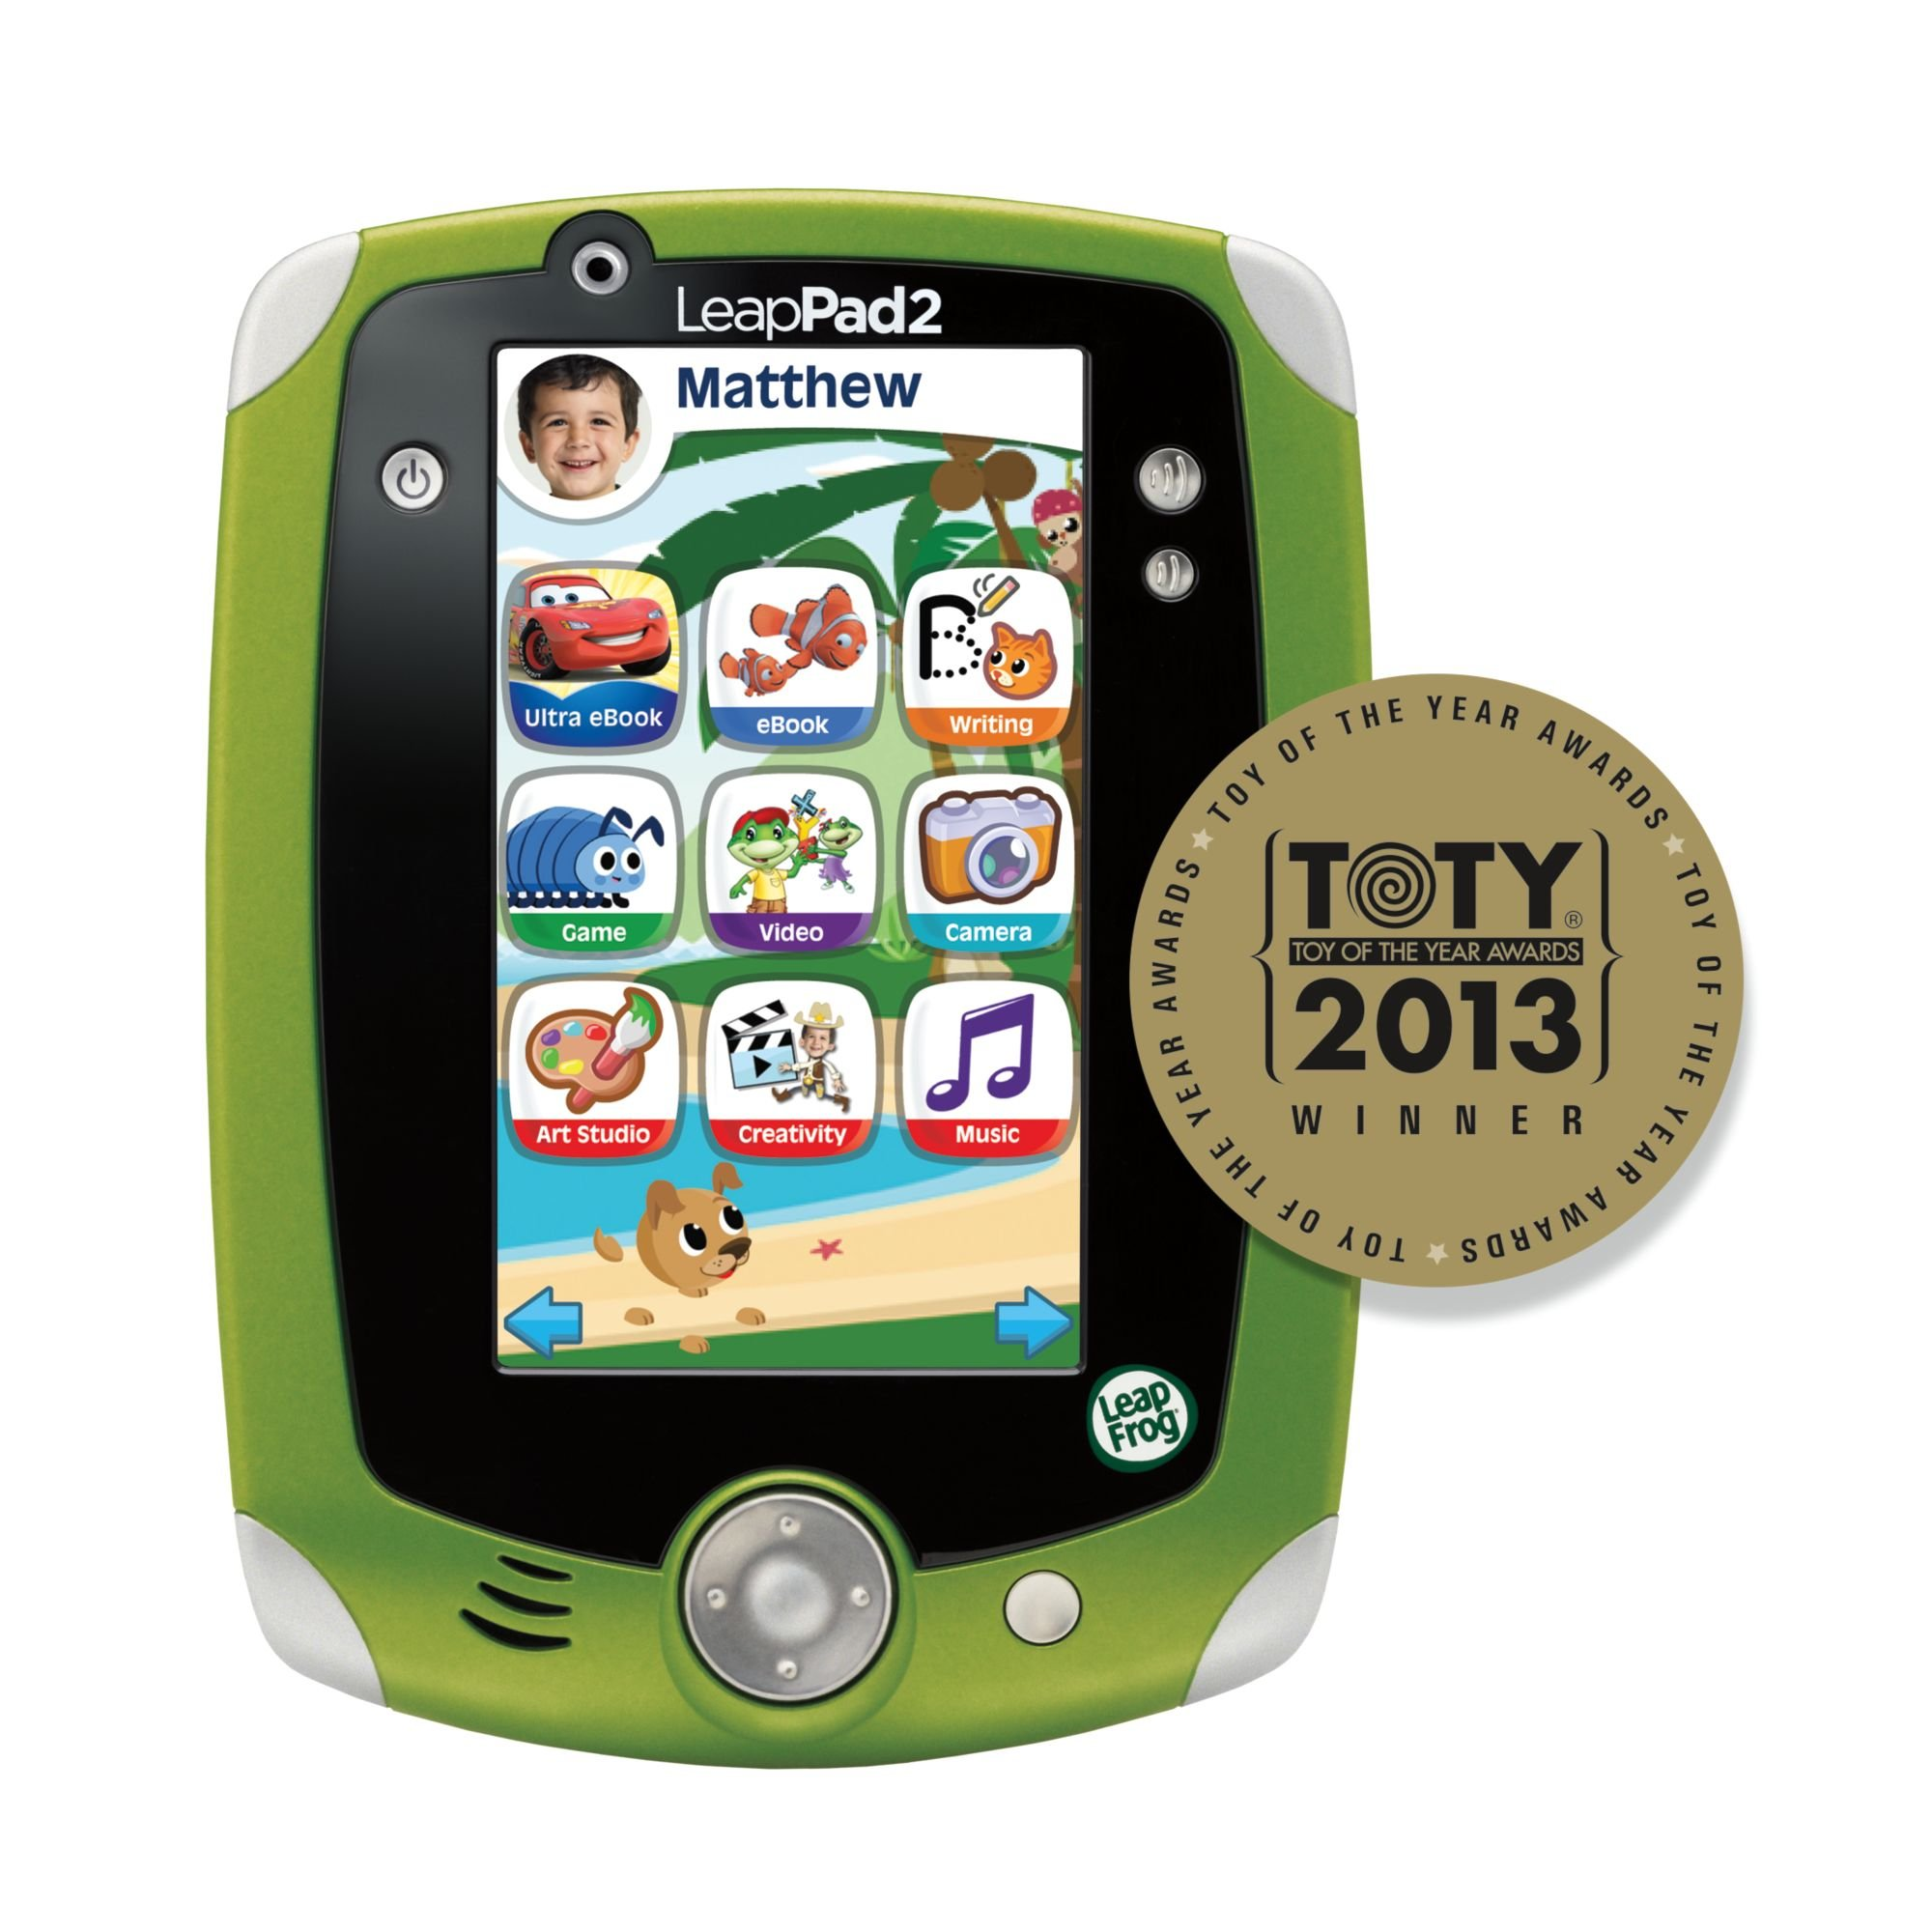 LeapFrog LeapPad2 Explorer Kids' Learning Tablet, Green by LeapFrog (Image #2)